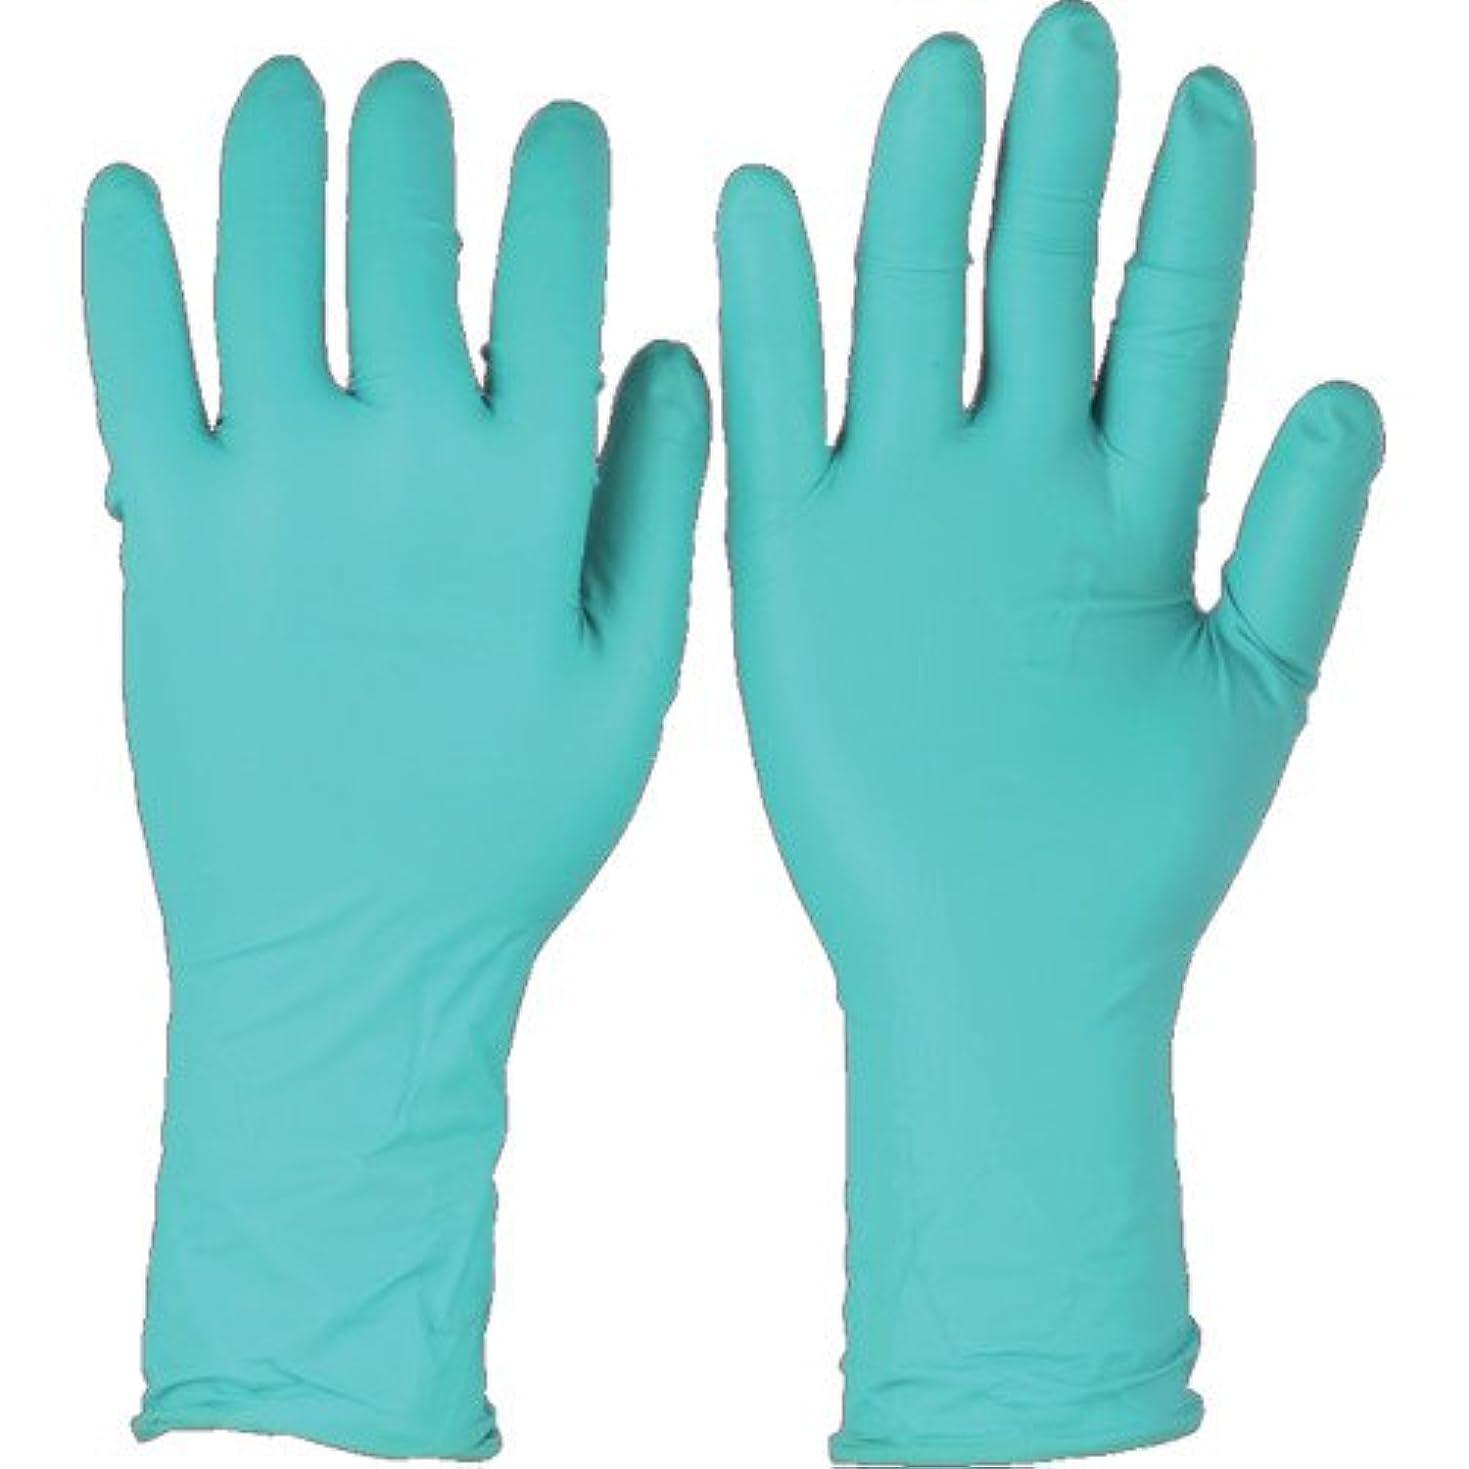 厳密に凝縮するオゾントラスコ中山 アンセル ネオプレンゴム使い捨て手袋 マイクロフレックス 93-260 XSサイズ (50枚入)  932606